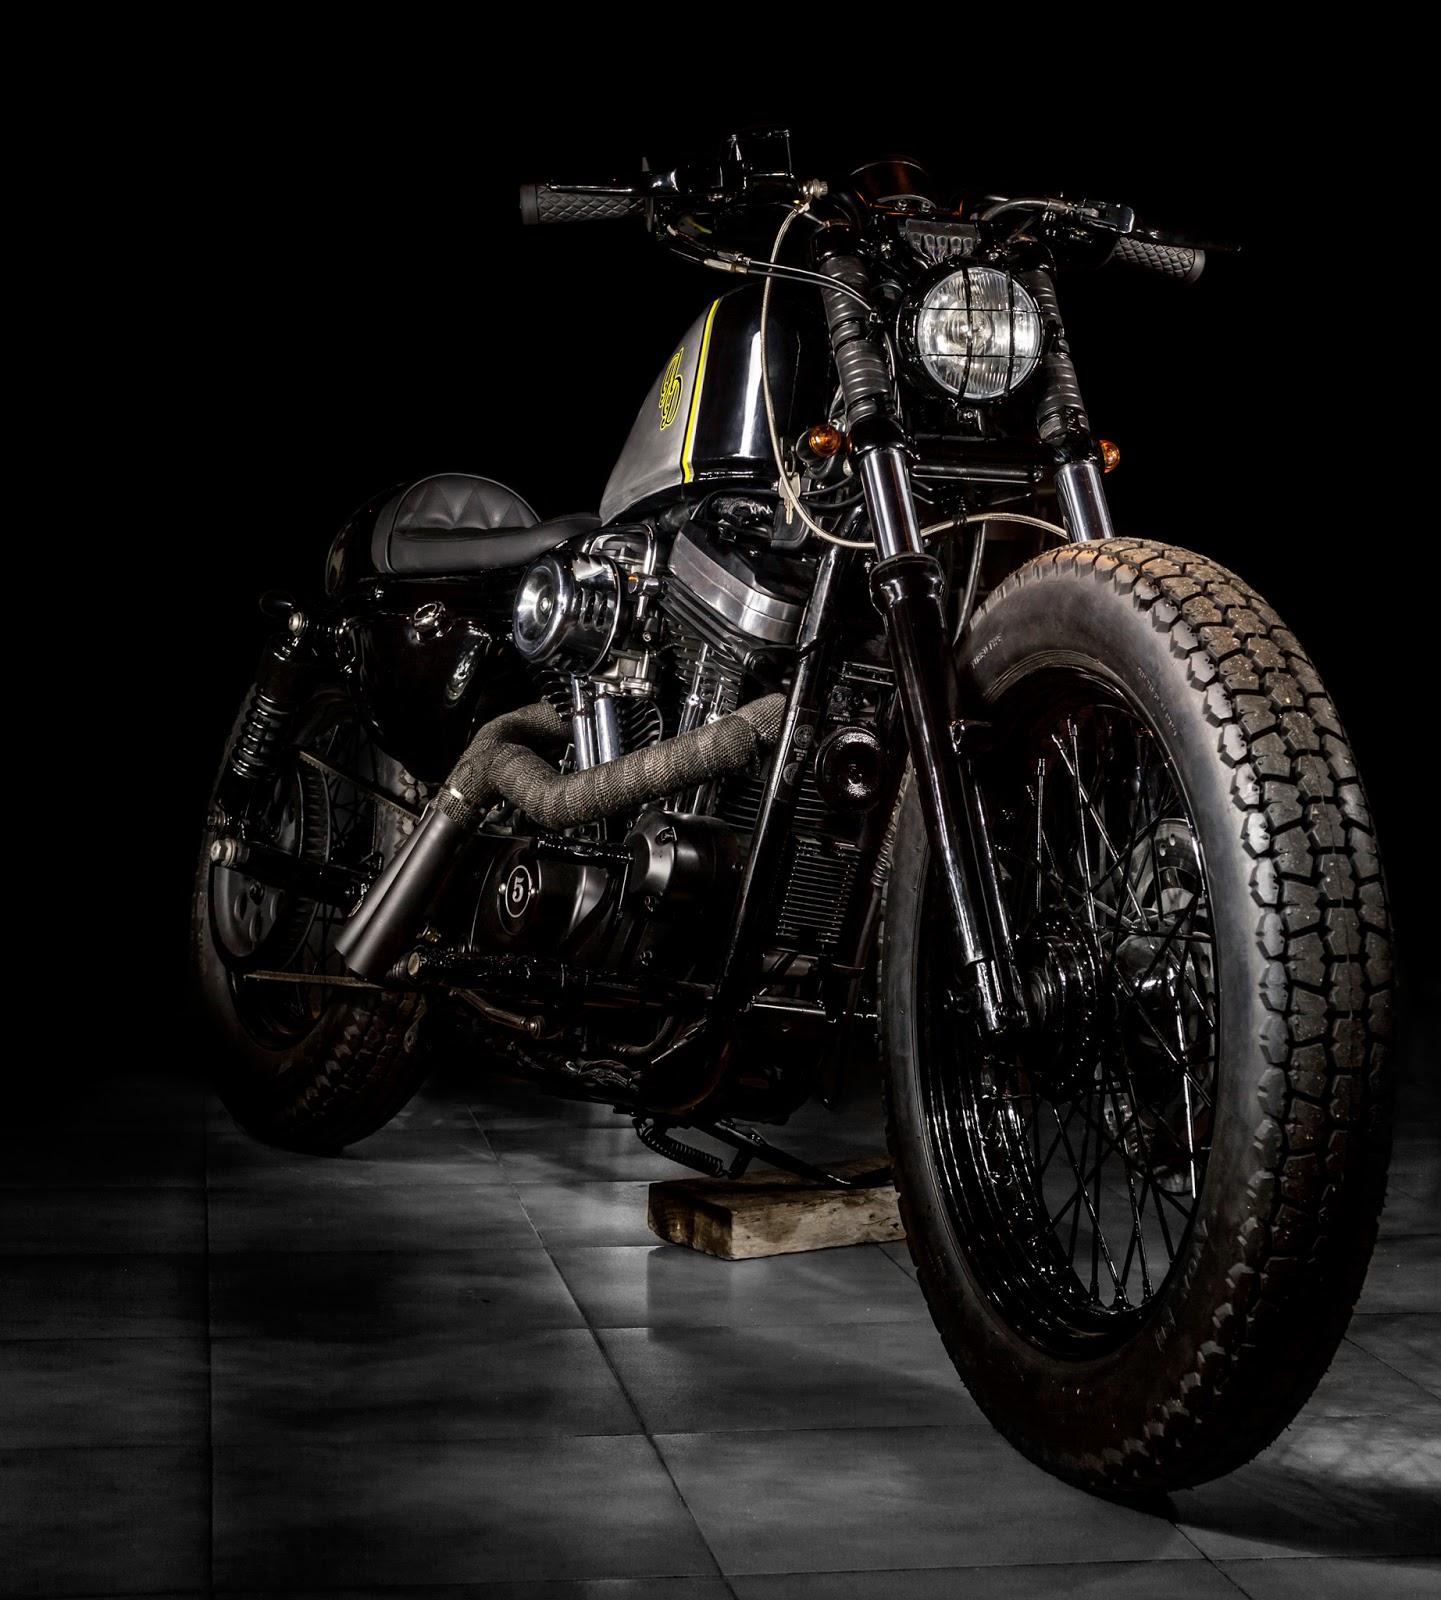 Hell Kustom Harley Davidson Sportster 883 By Macco Motors